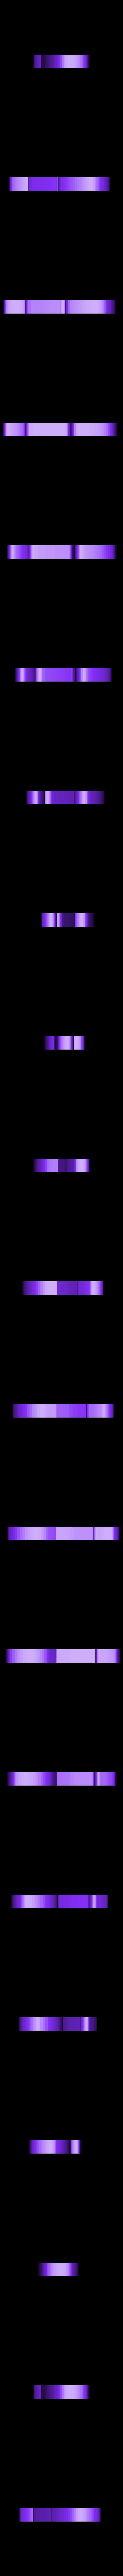 """Int-1.stl Télécharger fichier STL gratuit LED light letters """"Why not?"""" • Objet pour impression 3D, dukedoks"""